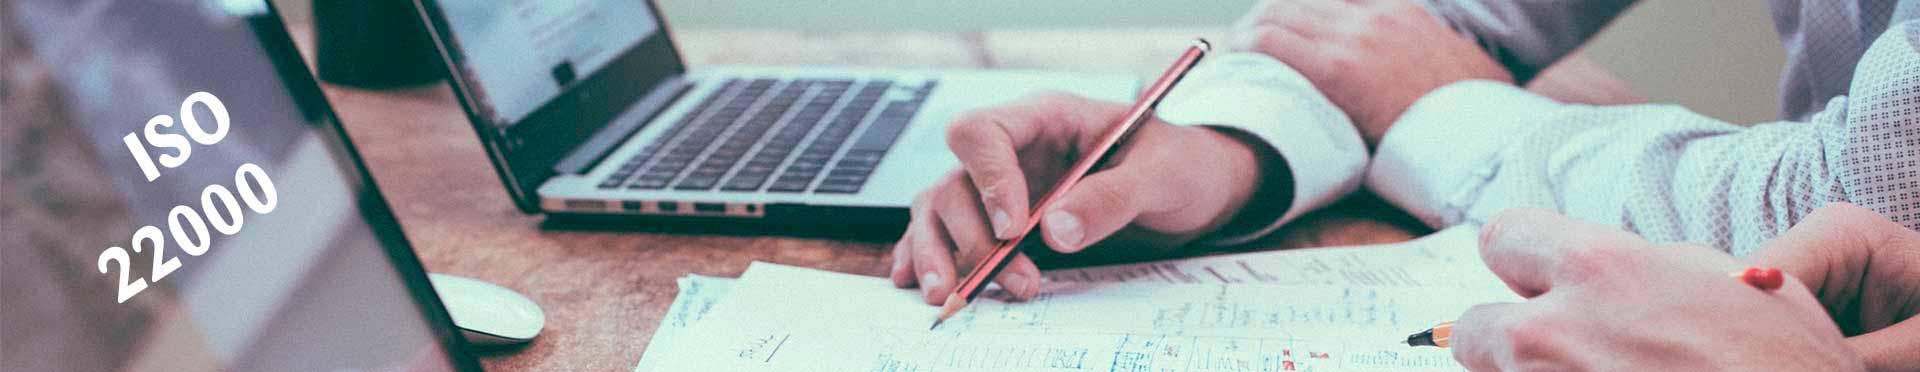 auditor trabaja en la implantación de la ISO 22000